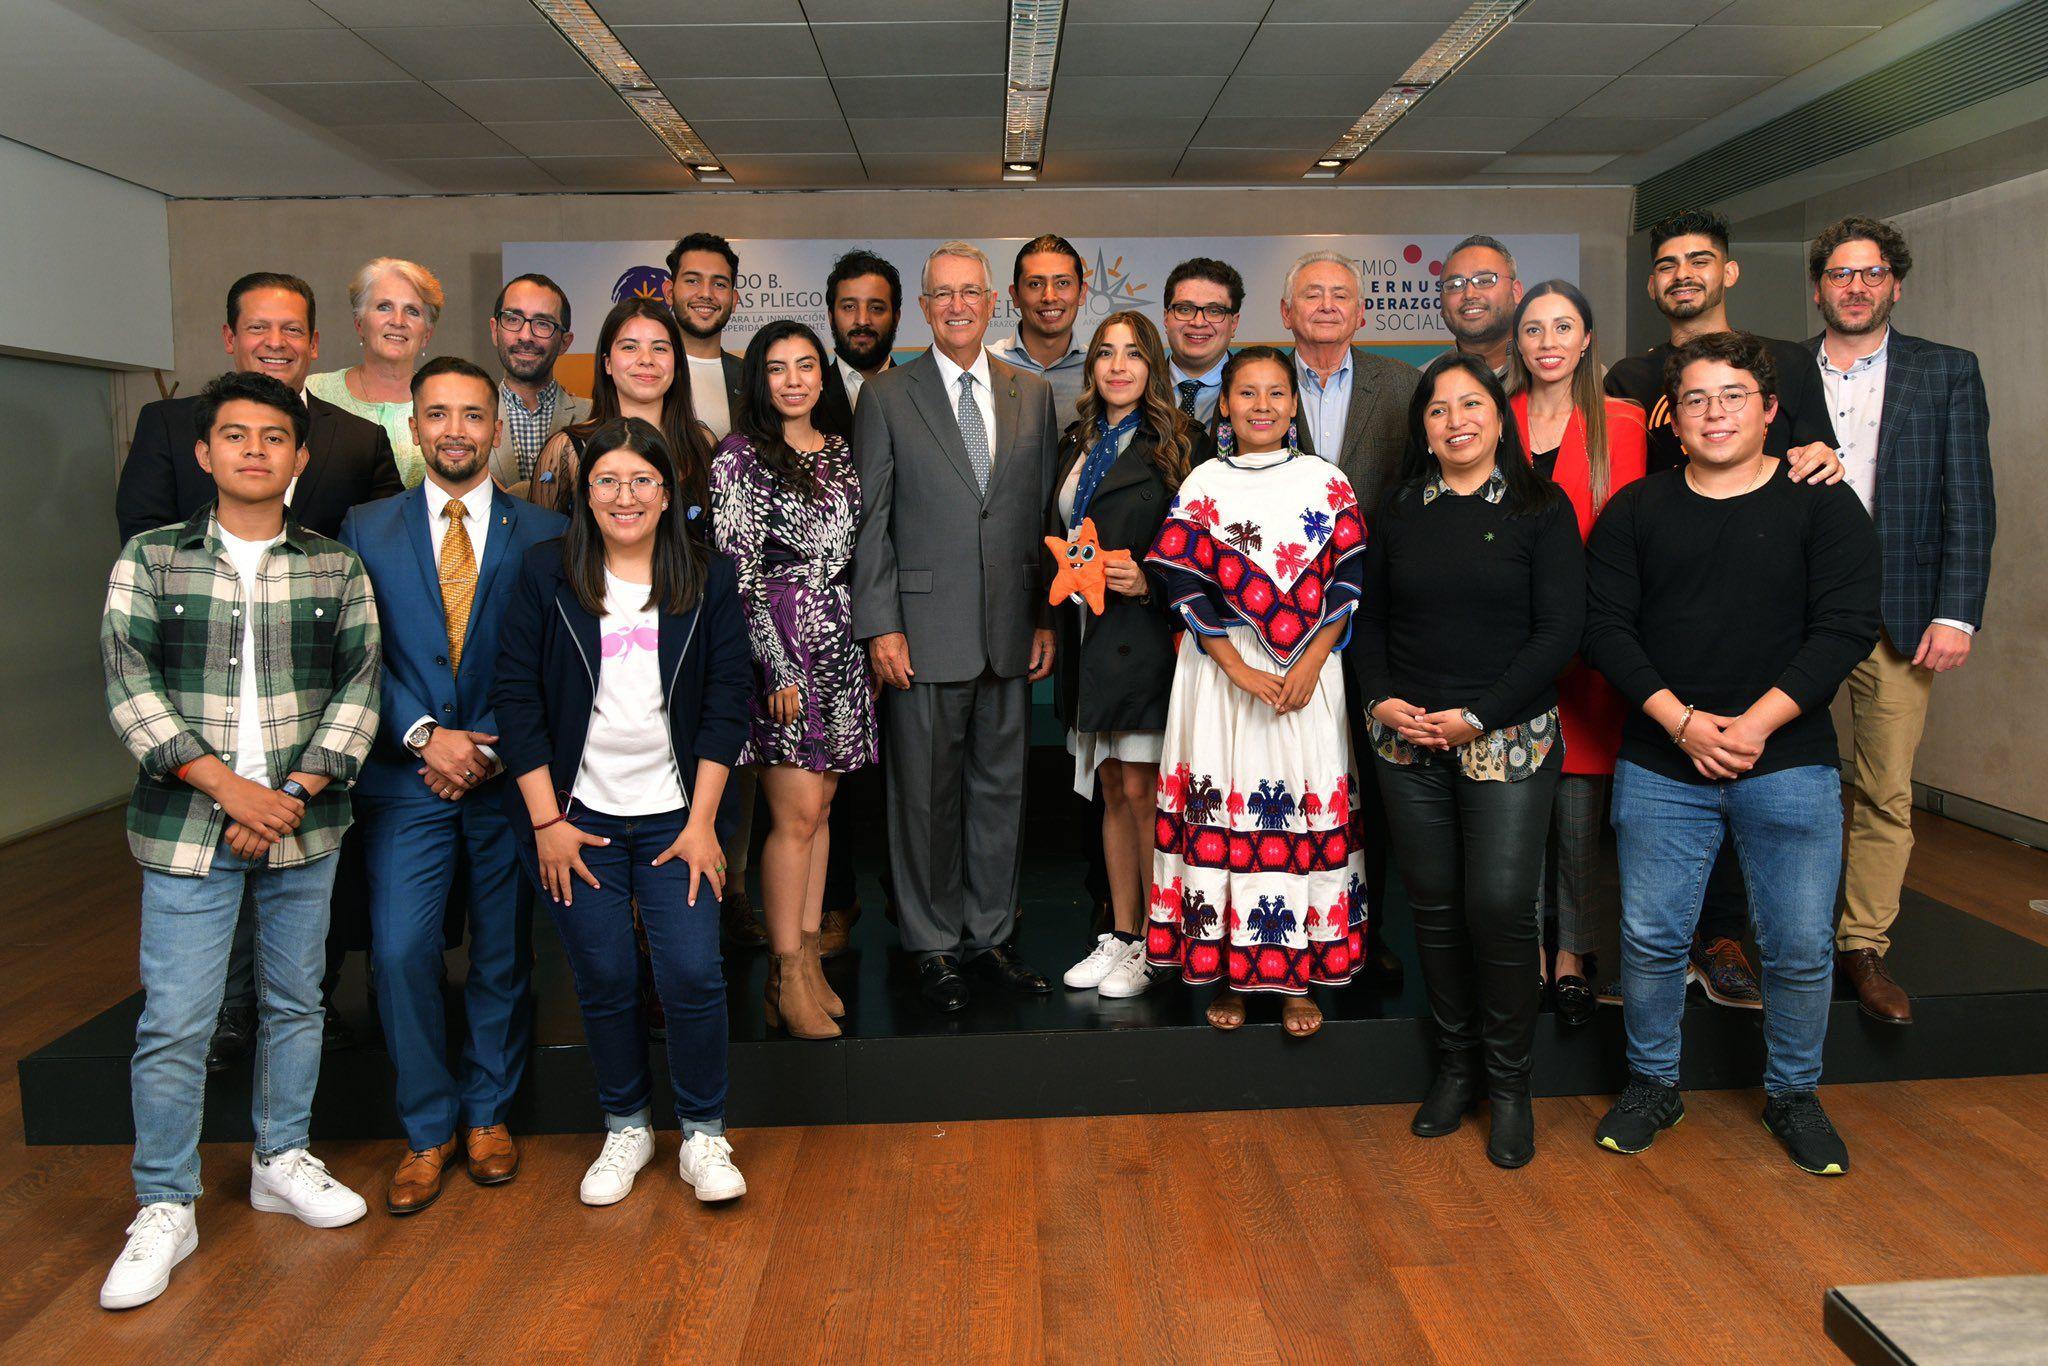 Fotografia Entrega Ricardo Benjamin Salinas Pliego el Premio Kybernus